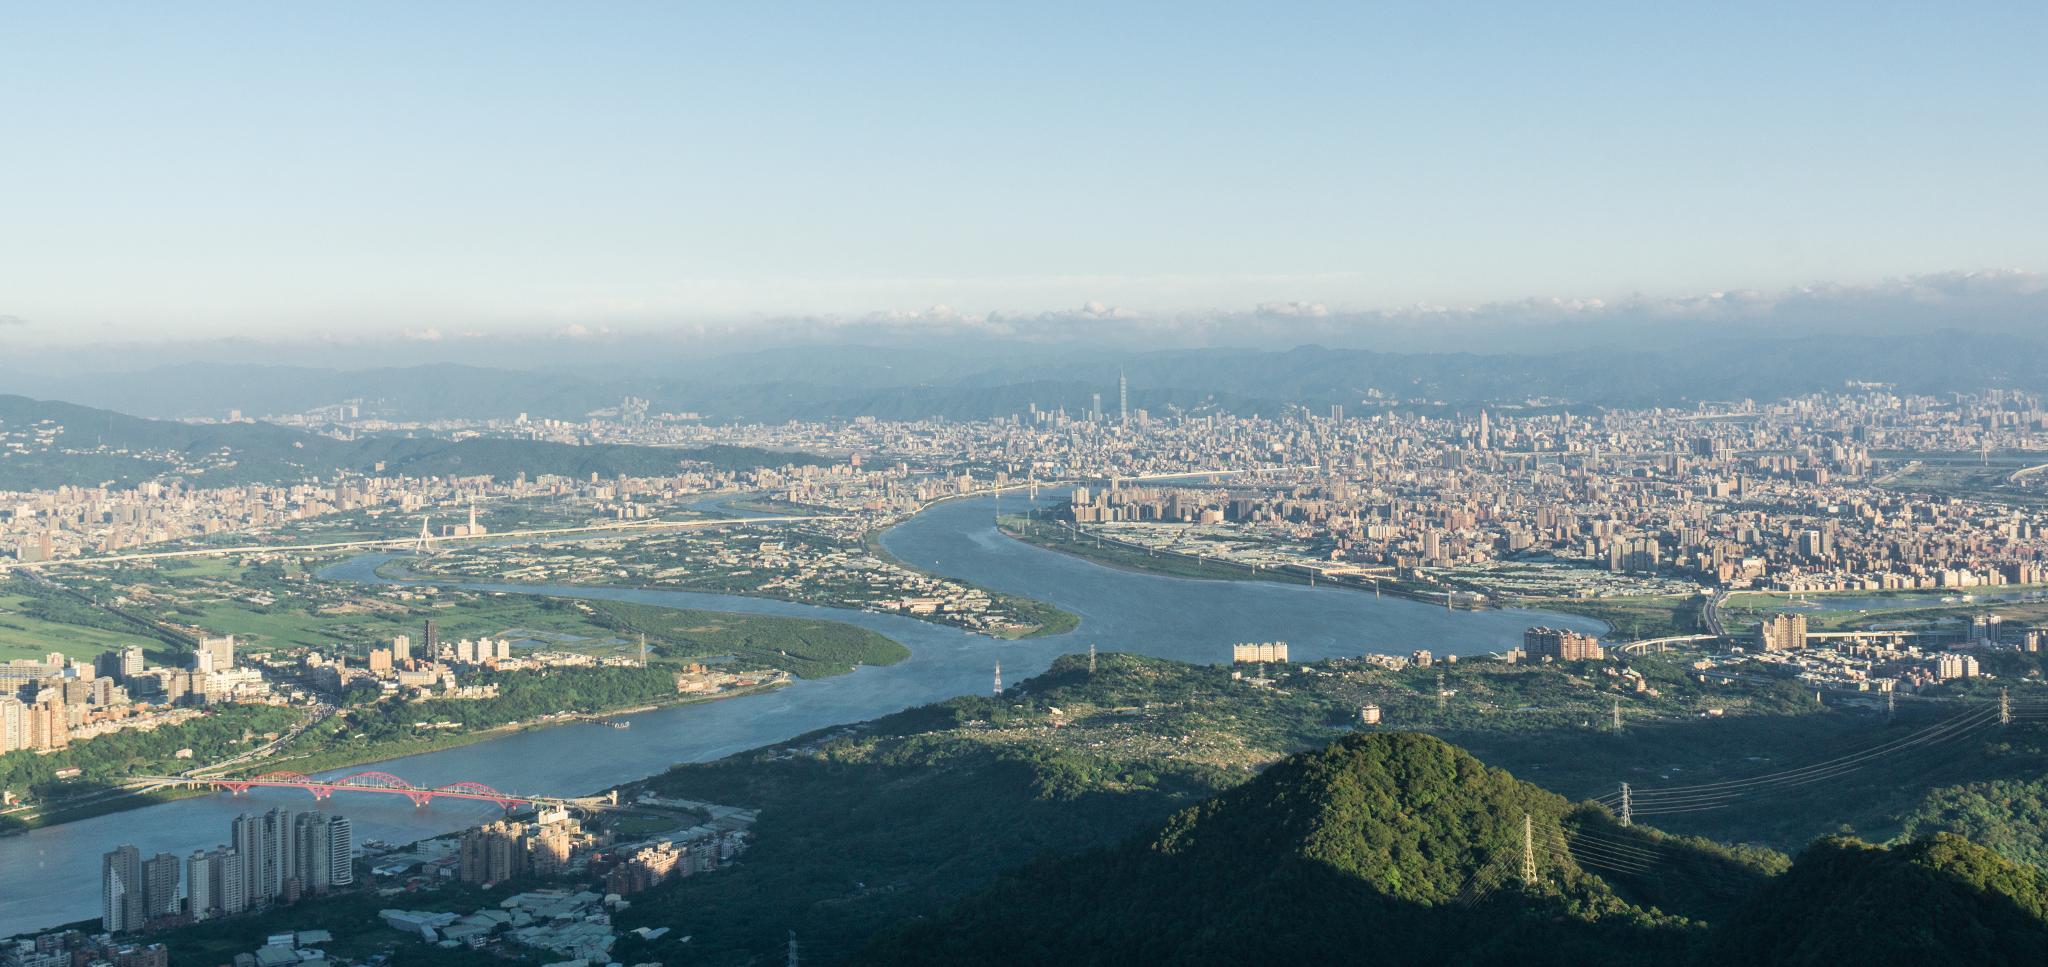 【臺北】觀音山硬漢嶺 — 瞭望大台北地區最推薦的觀景台 1